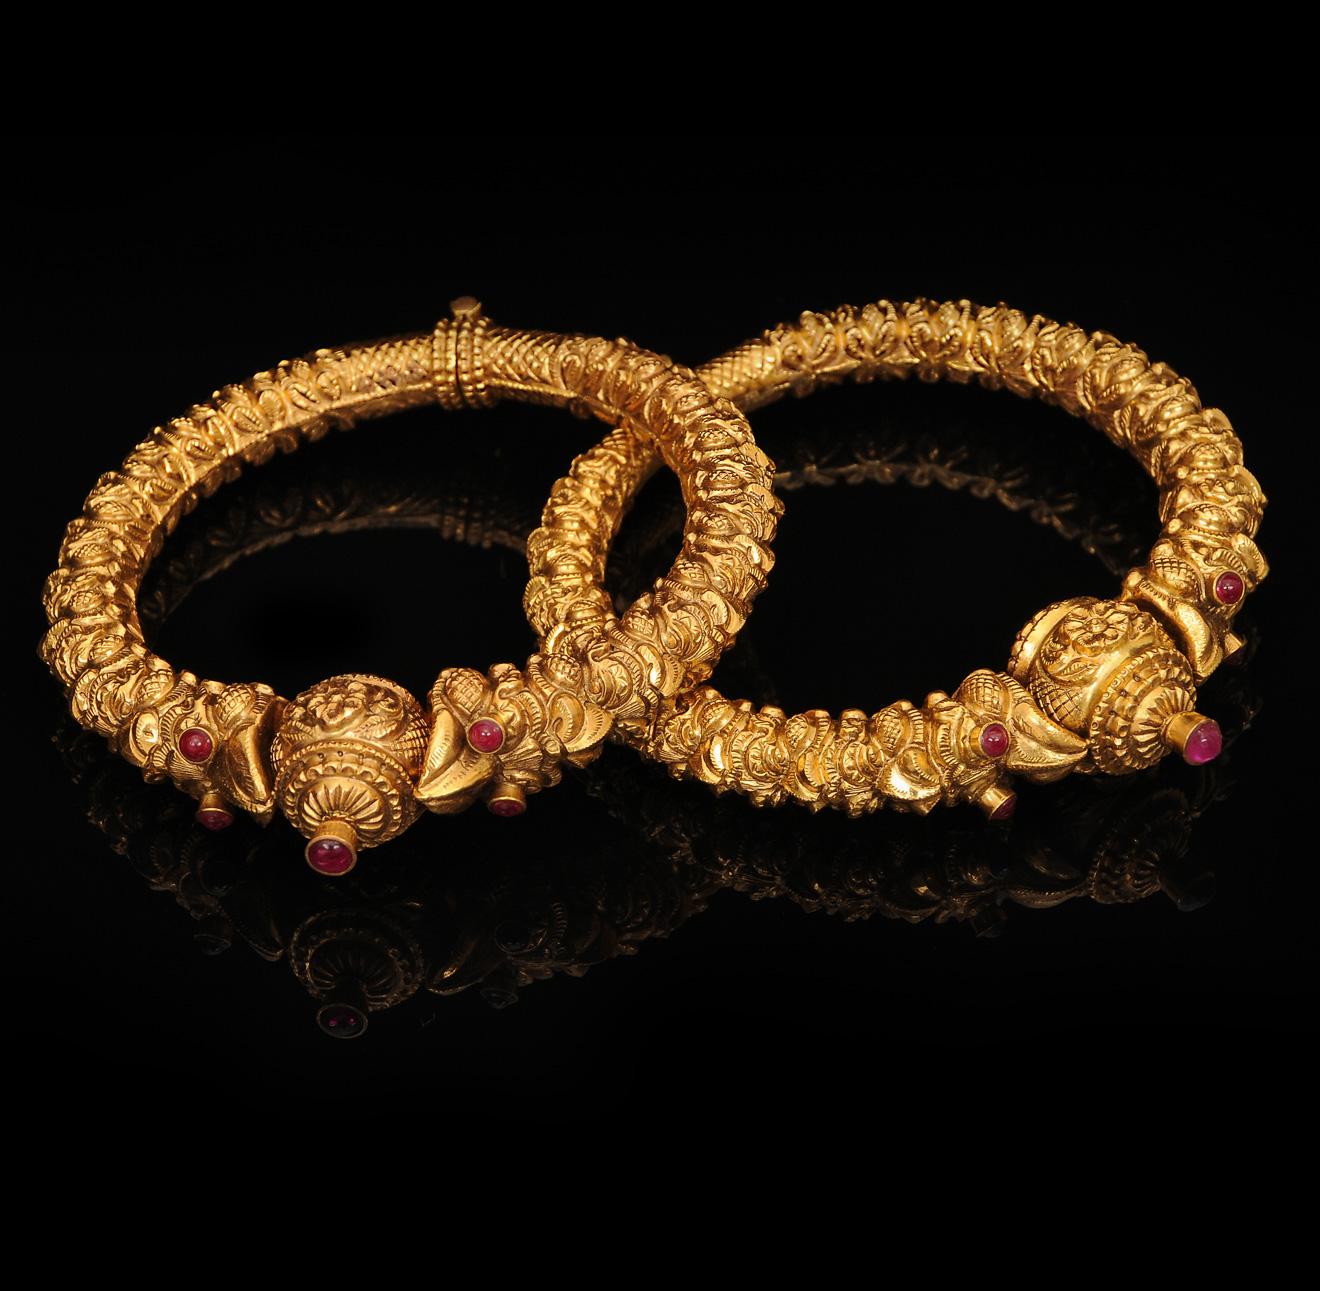 Gold necklace blog: Latest antique gold bangle models..